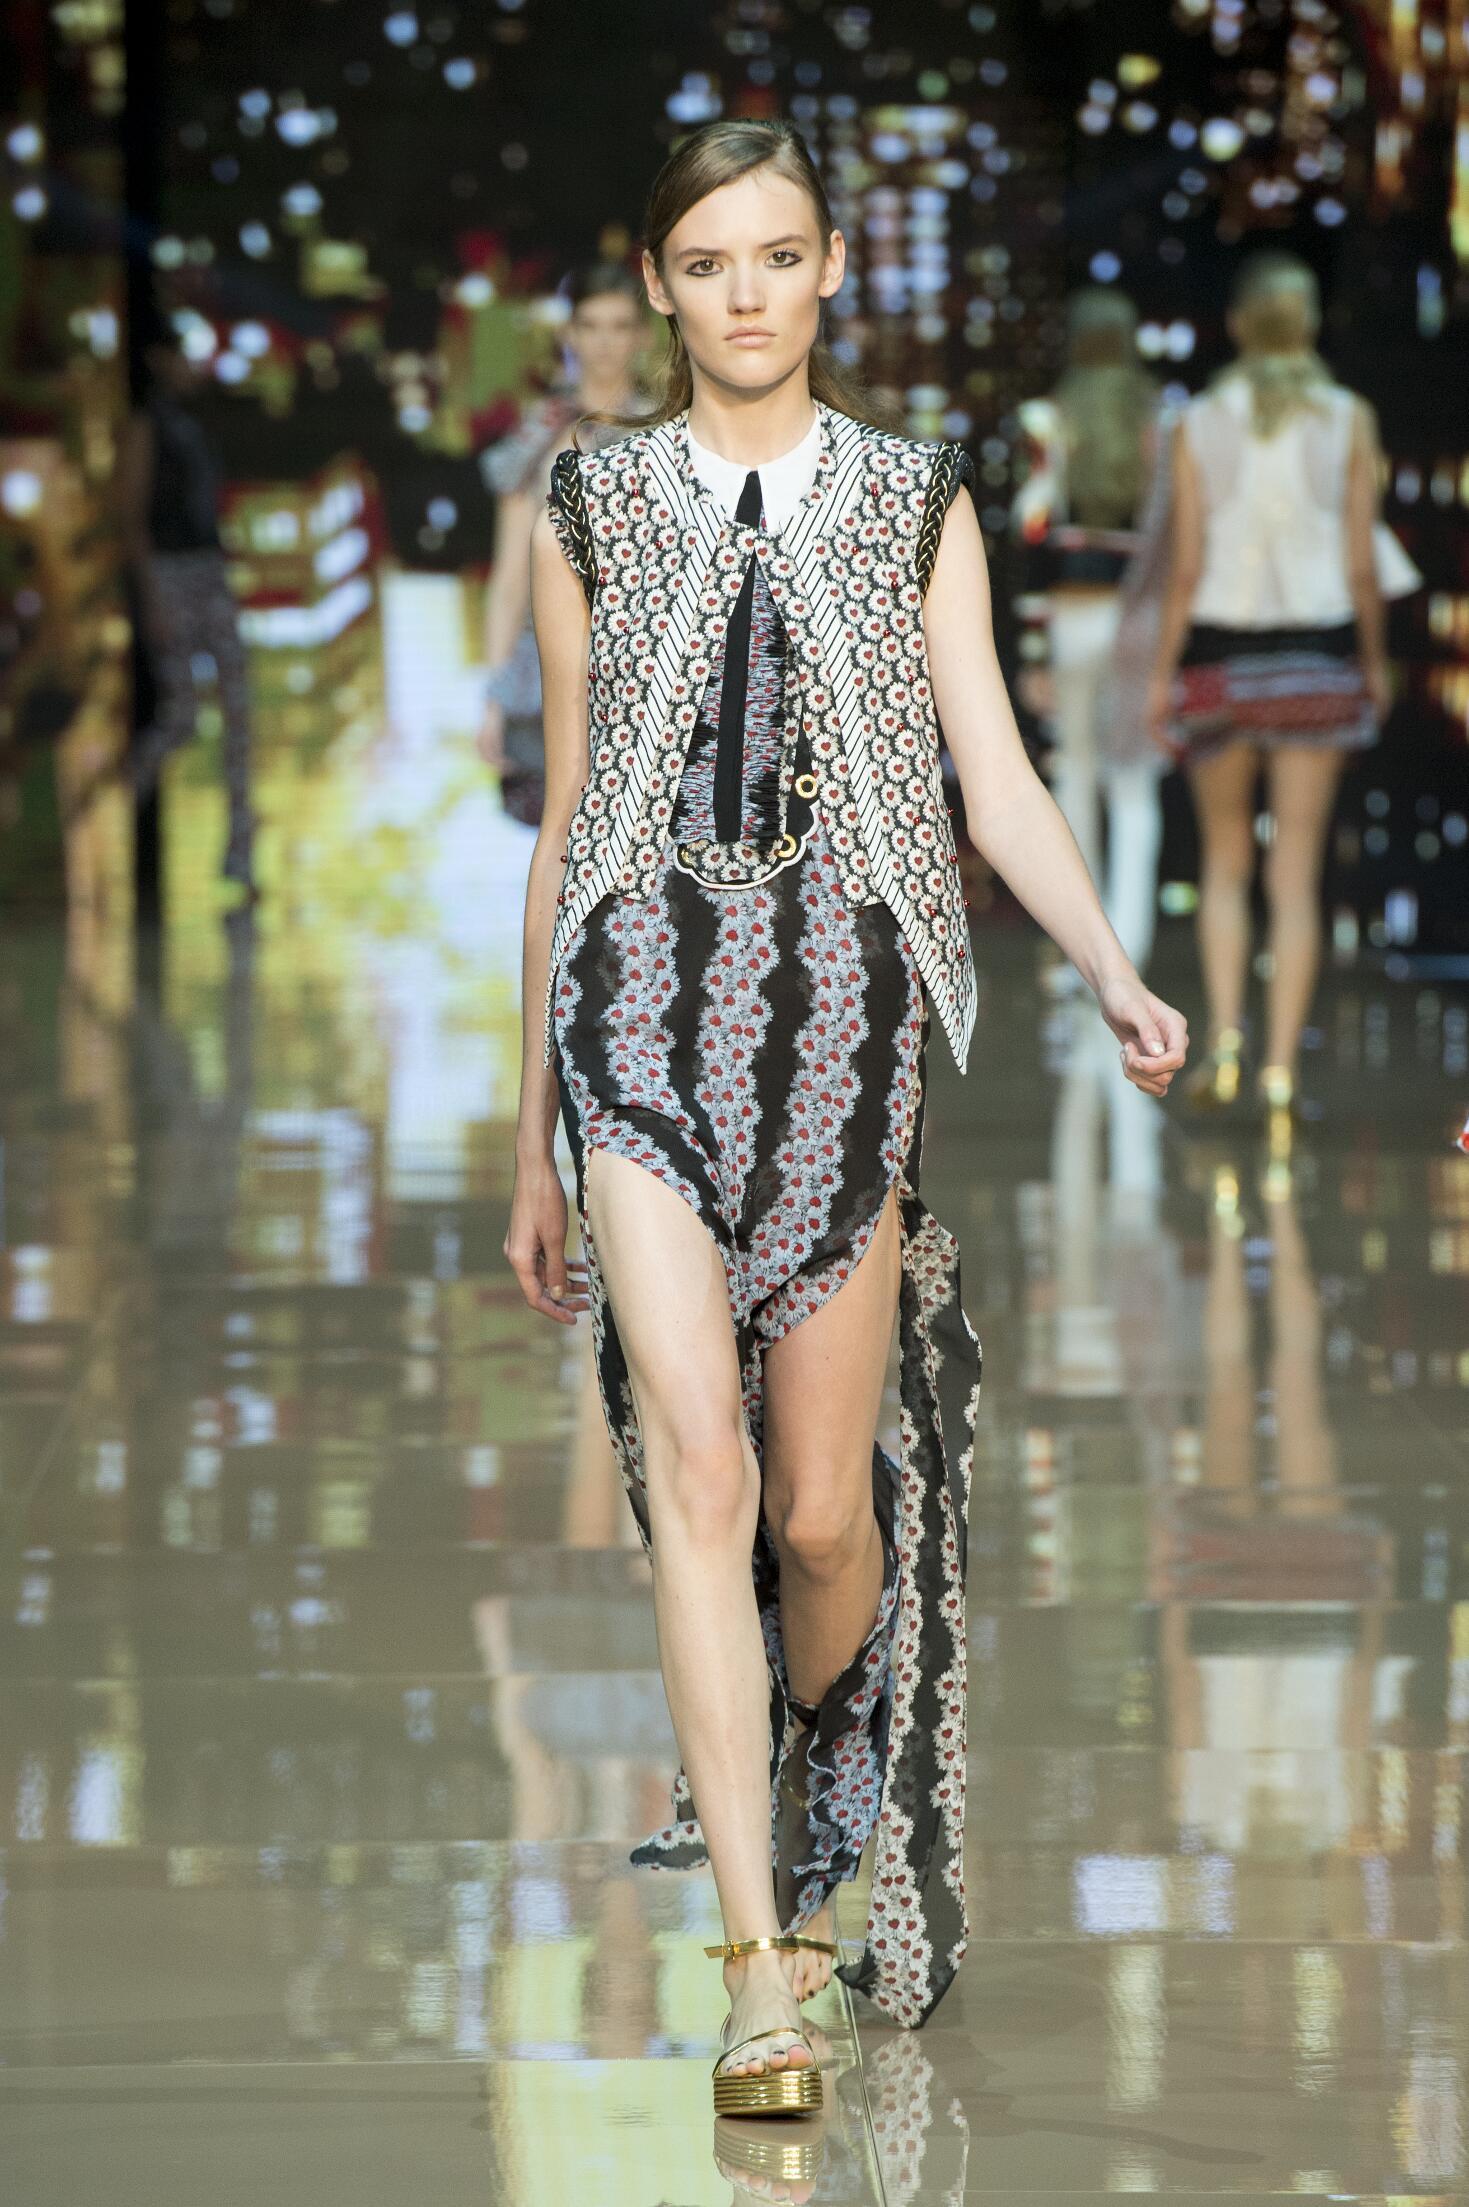 Just Cavalli SS 2015 Womenswear